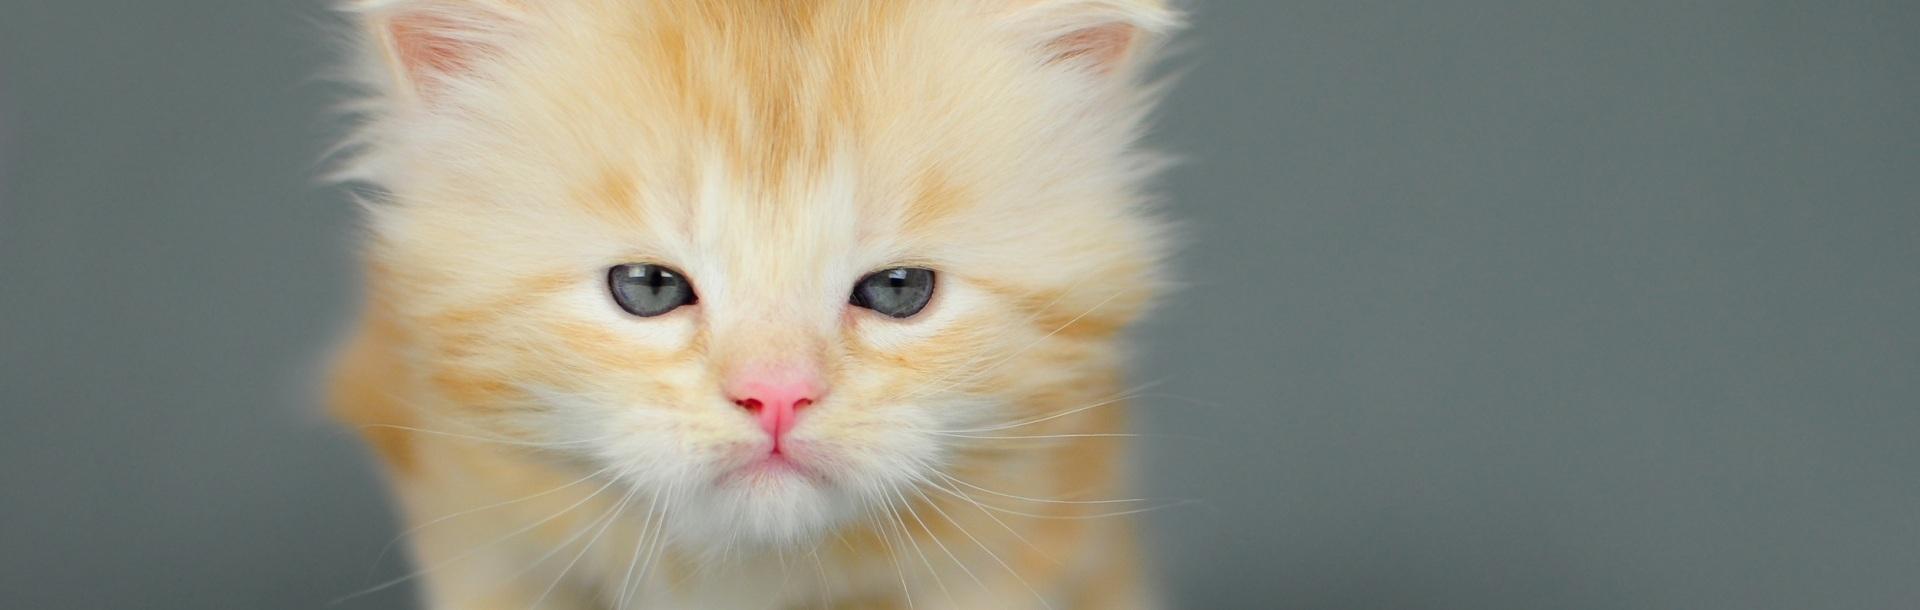 10 pisici care habar nu au despre ceea  ce vor de la viață – FOTO